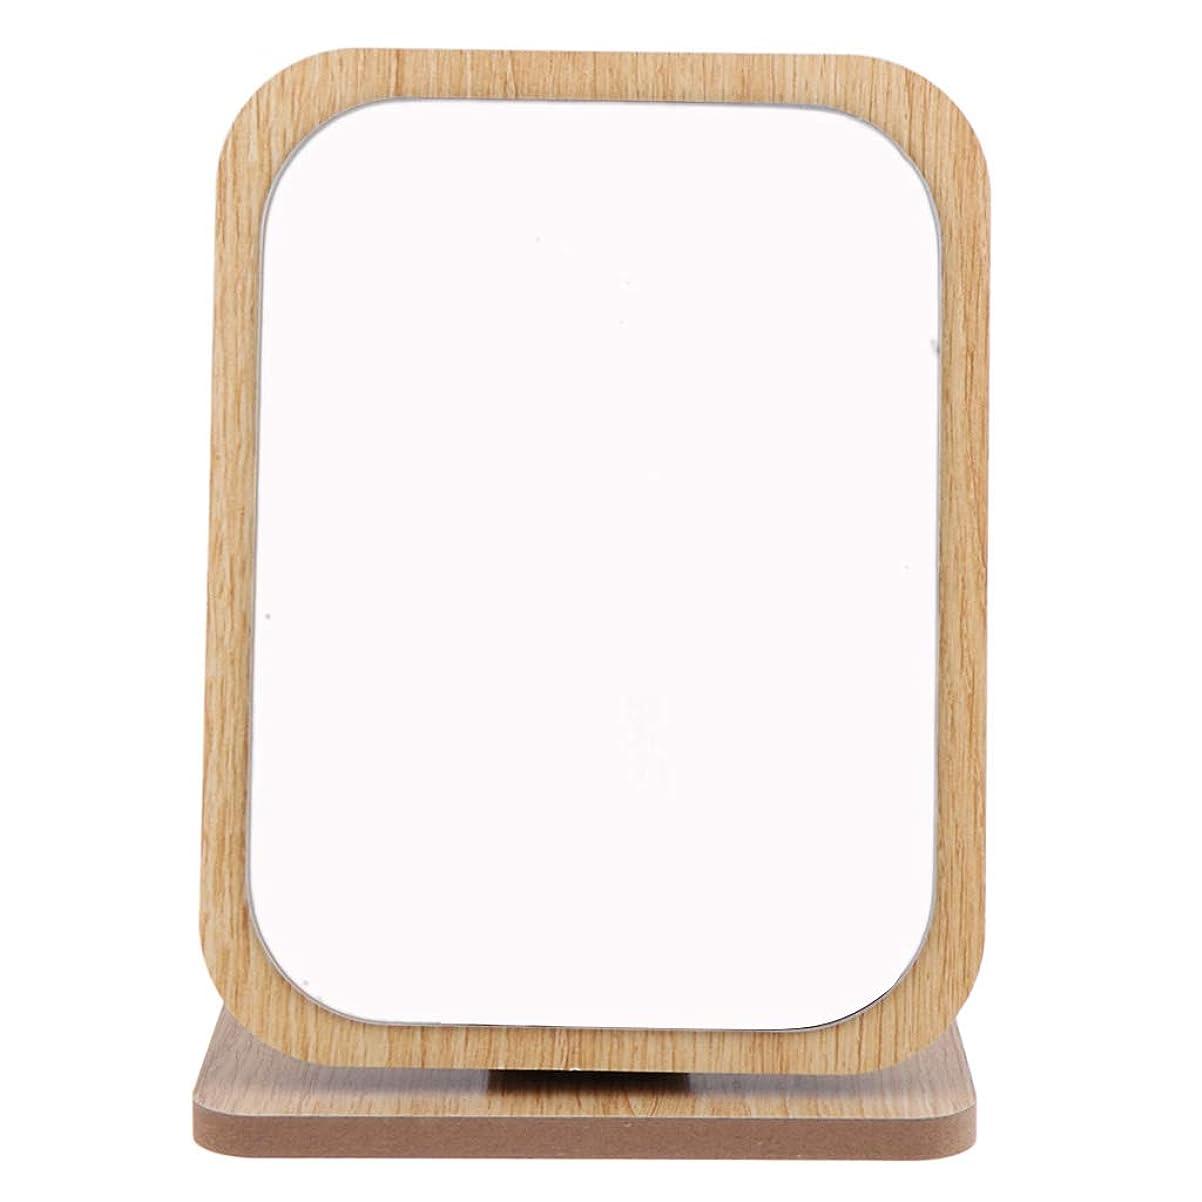 中毒お勧めベックスPerfeclan 全6サイズ 化粧鏡 卓上ミラー メイクアップミラー 木製フレーム 折りたたみ - #5